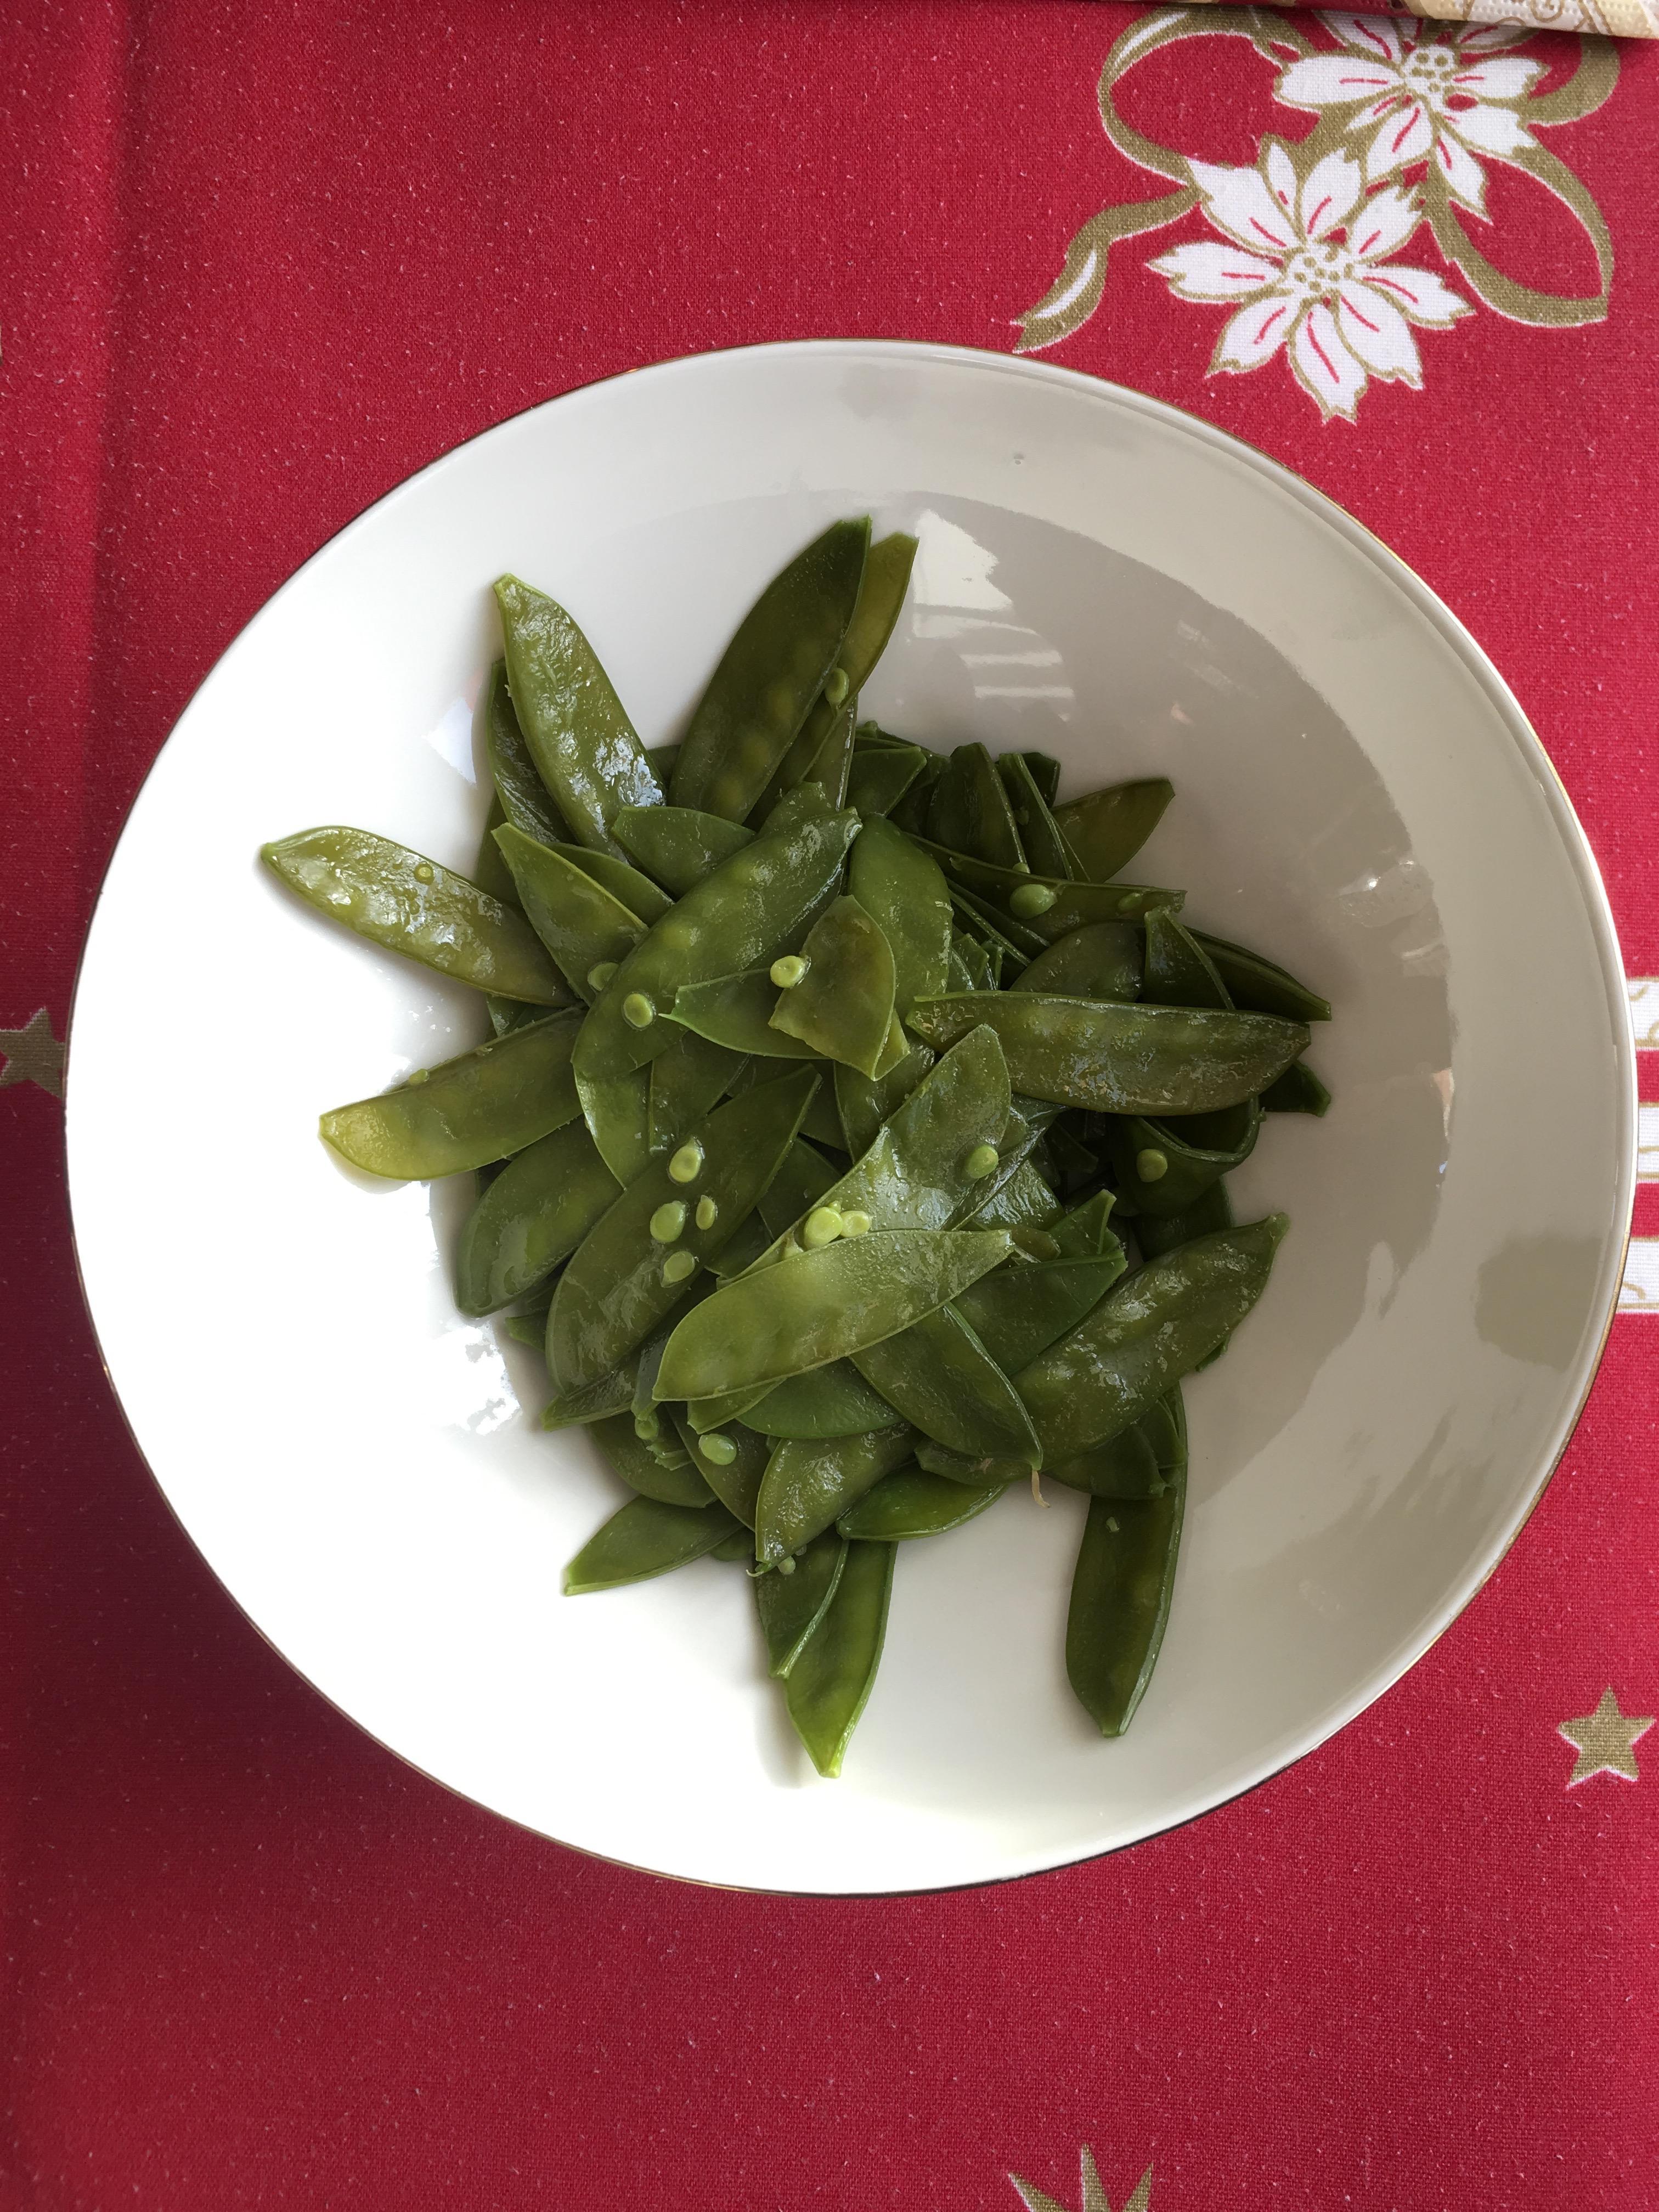 lifestyle-italienisches-weihnachtsessen-essen-weihnachten-heiligabend-weihnachtsmenue-8-2